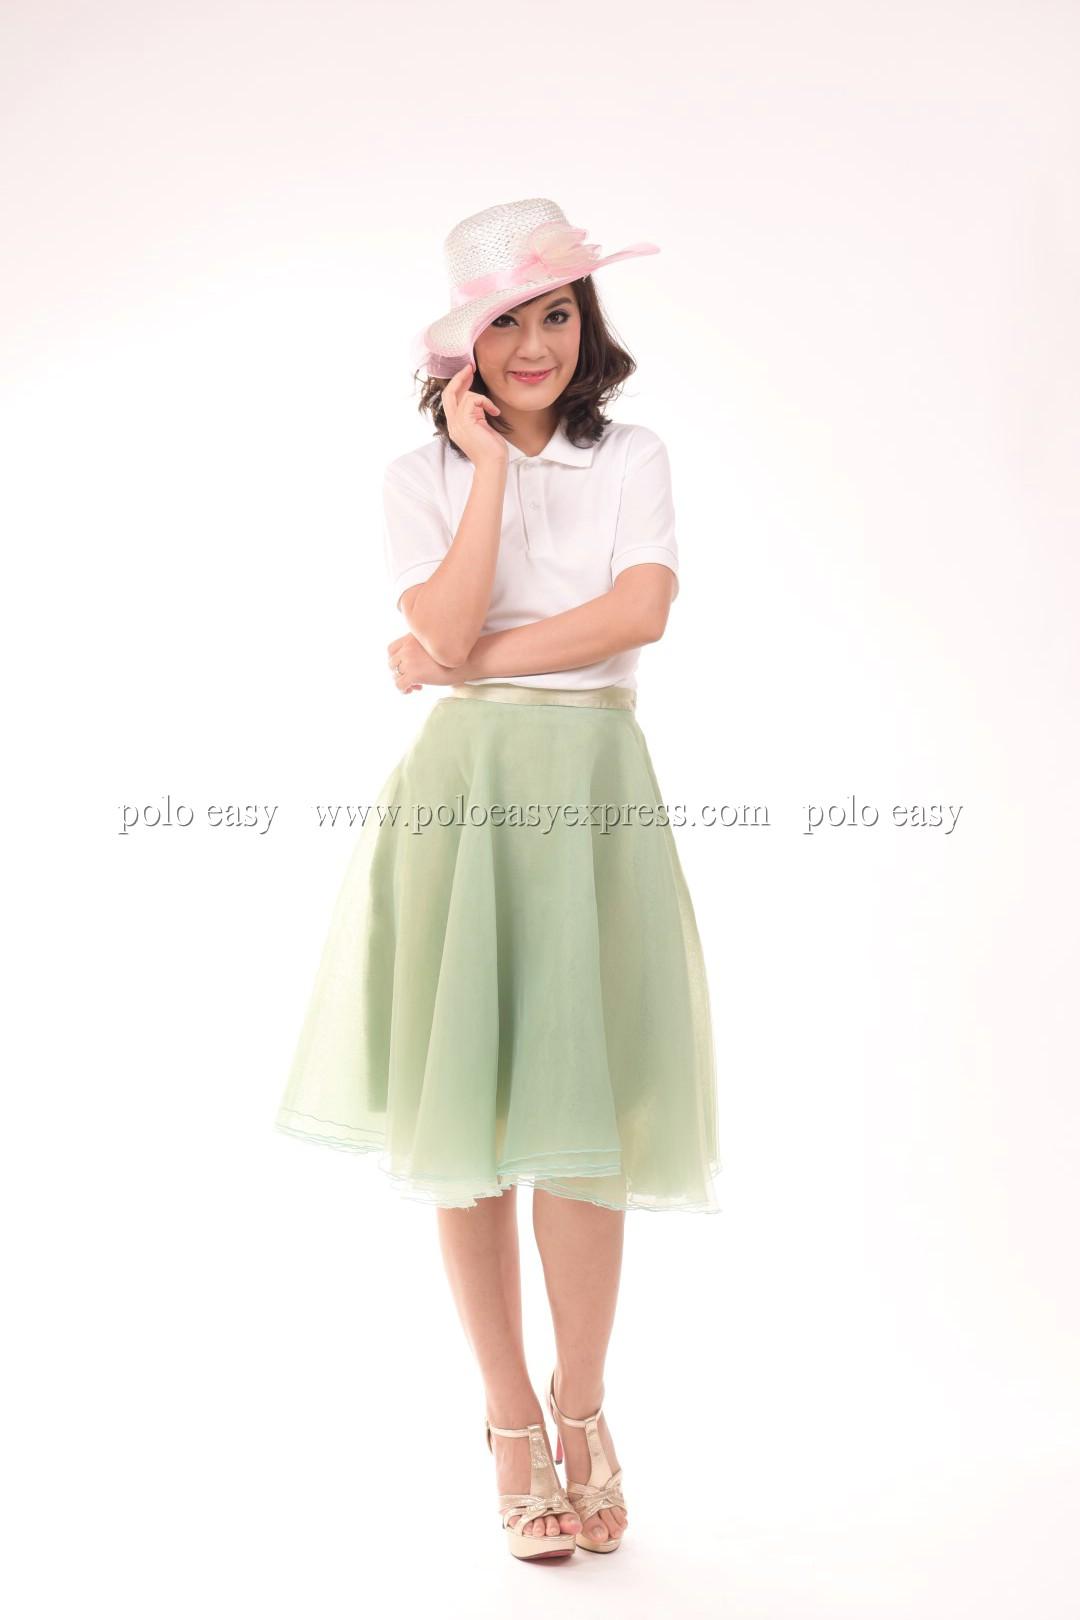 เสื้อโปโล สีขาว TK Premium แขนสั้น ทรงเว้า (หญิง) Size M